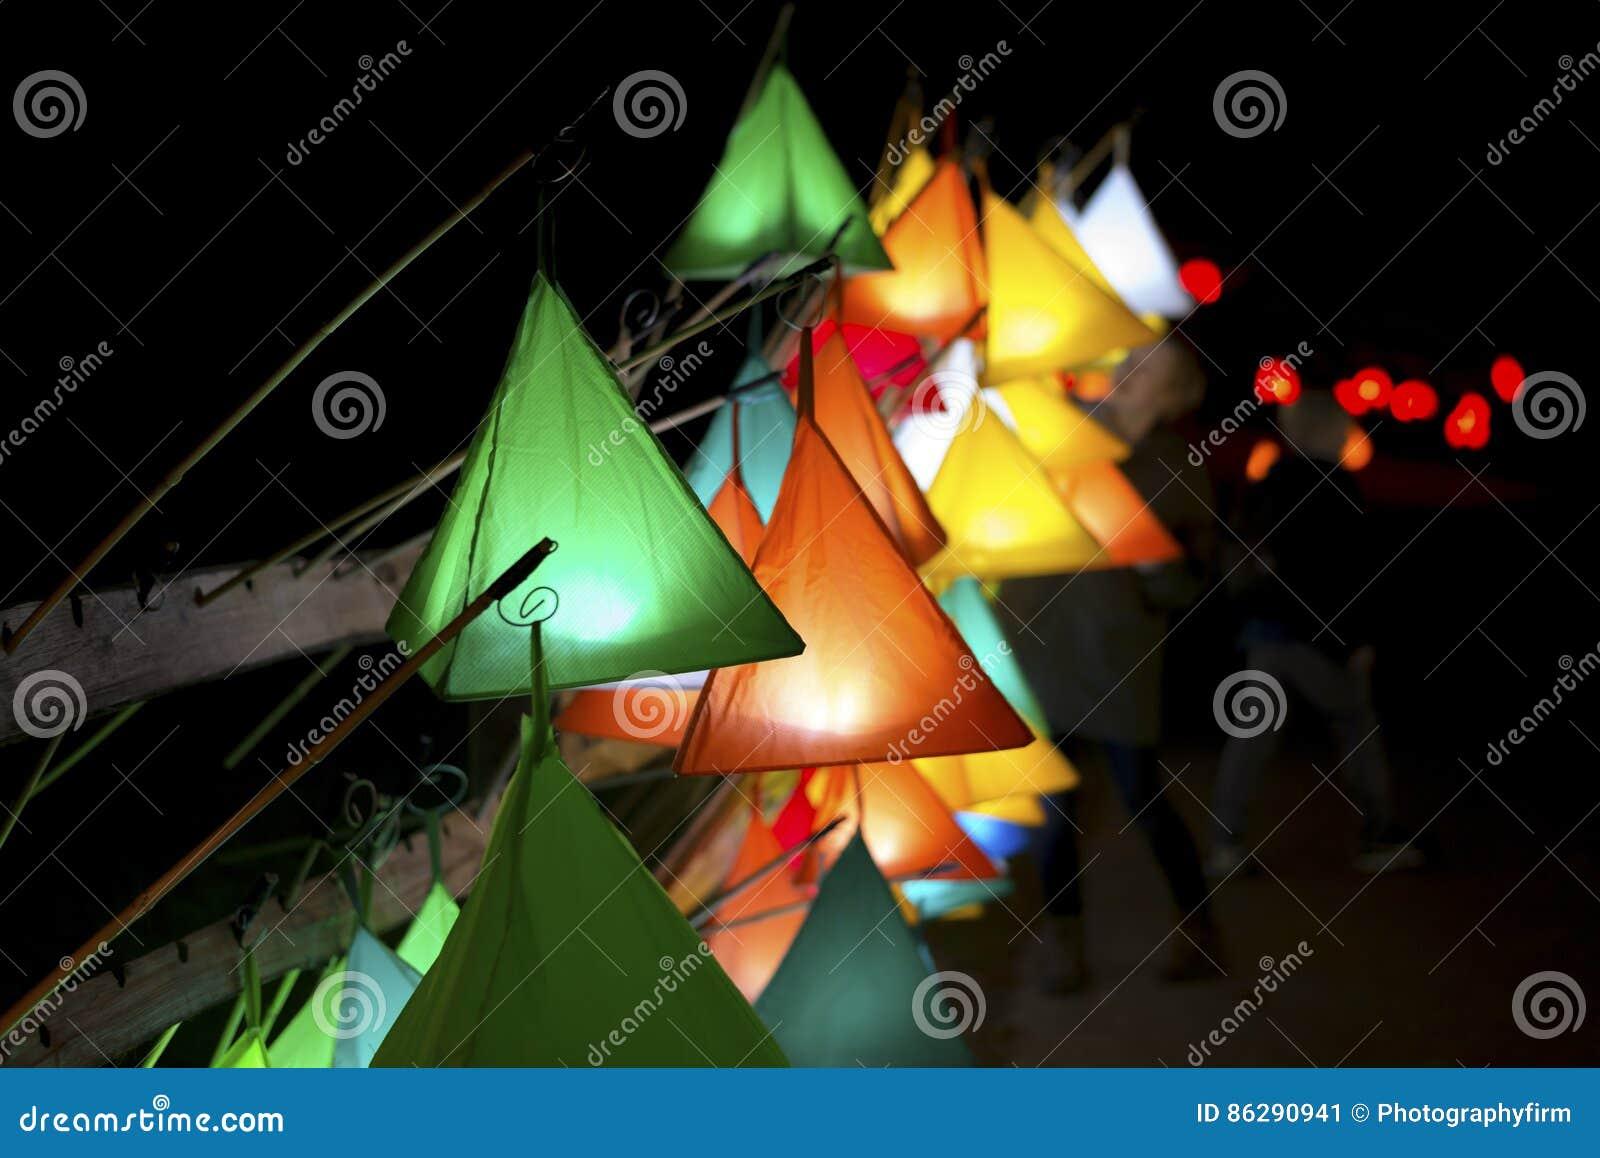 Hanging Pyramid-Shaped Glowing Lanterns